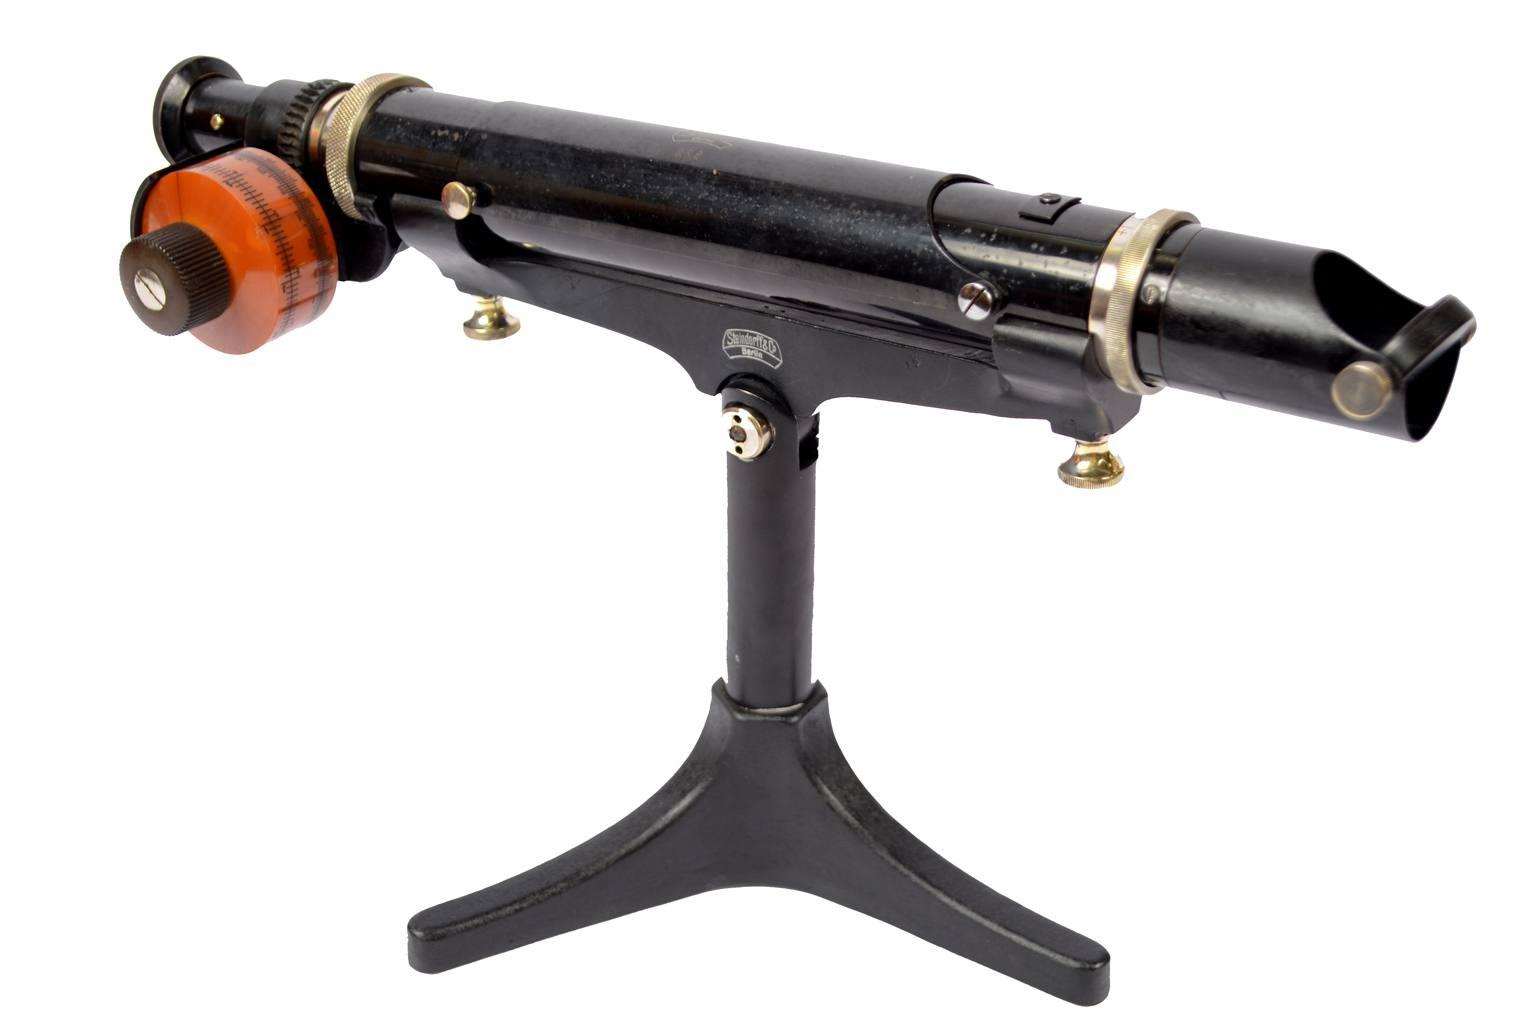 Strumenti di misura antichi/A150-Polarimetro 1920